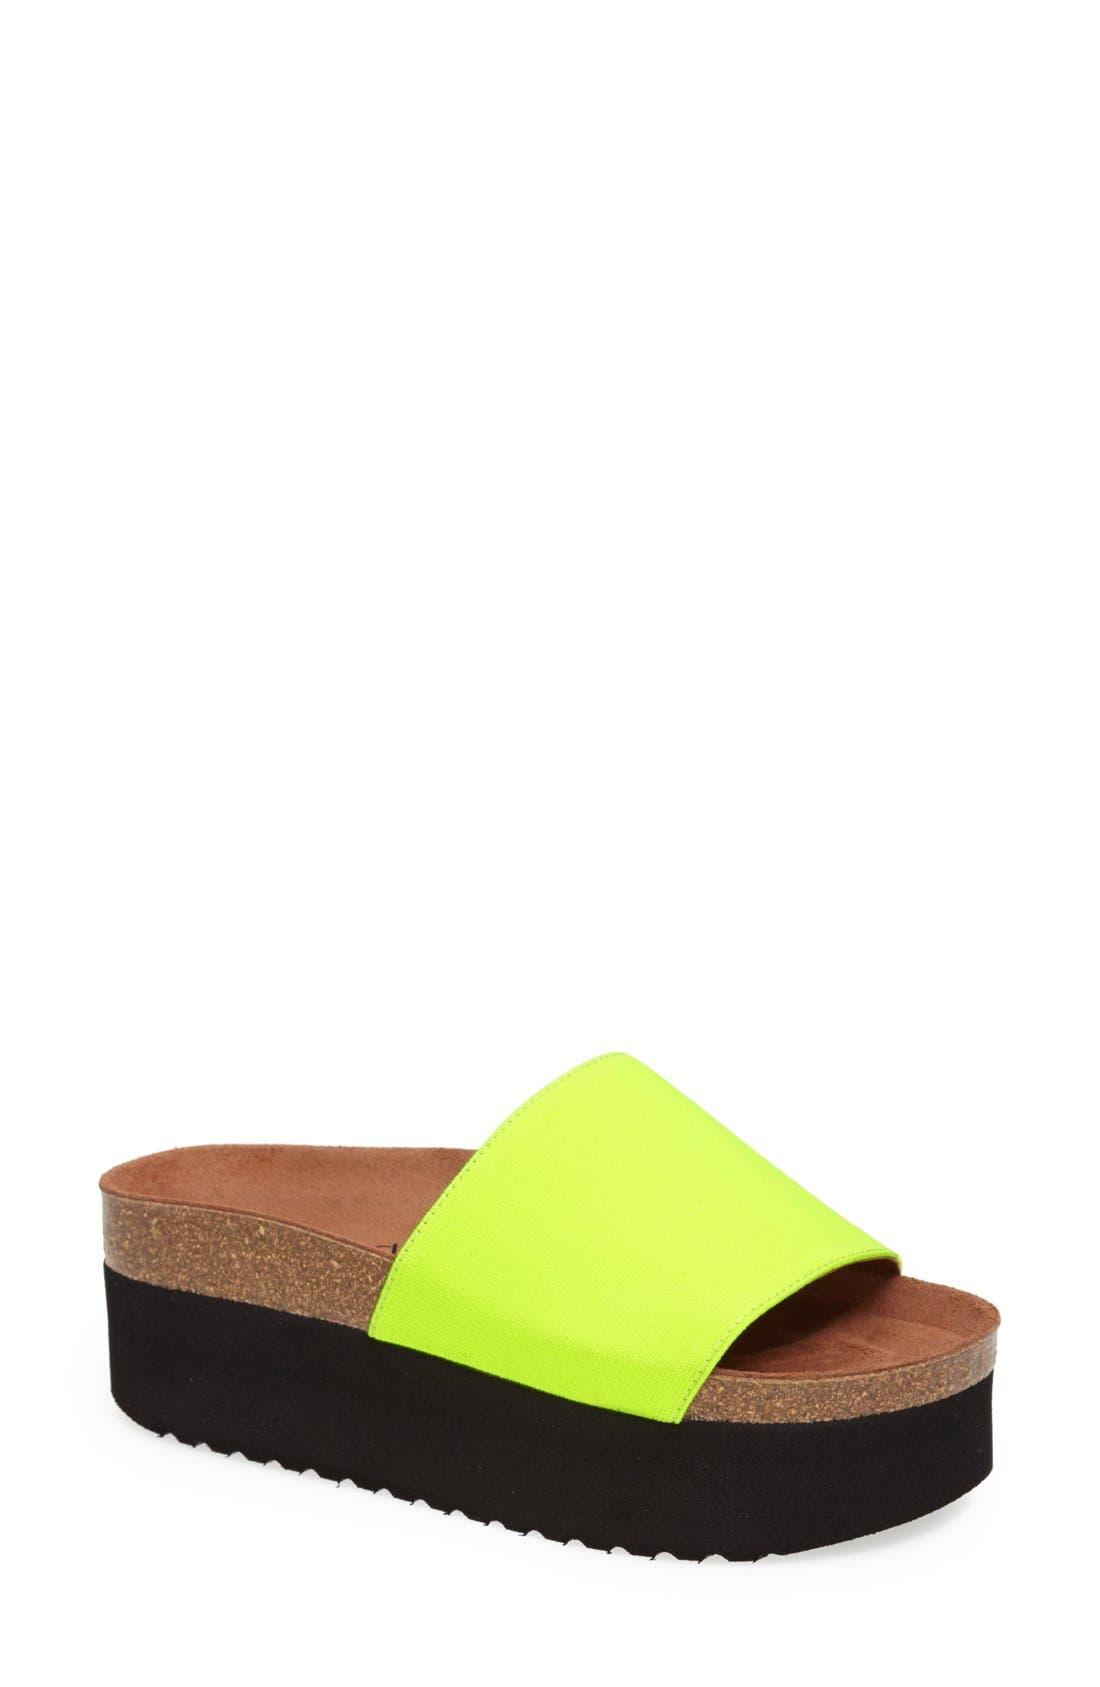 Main Image - SIXTYSEVEN 'Isa' Platform Sandal (Women)